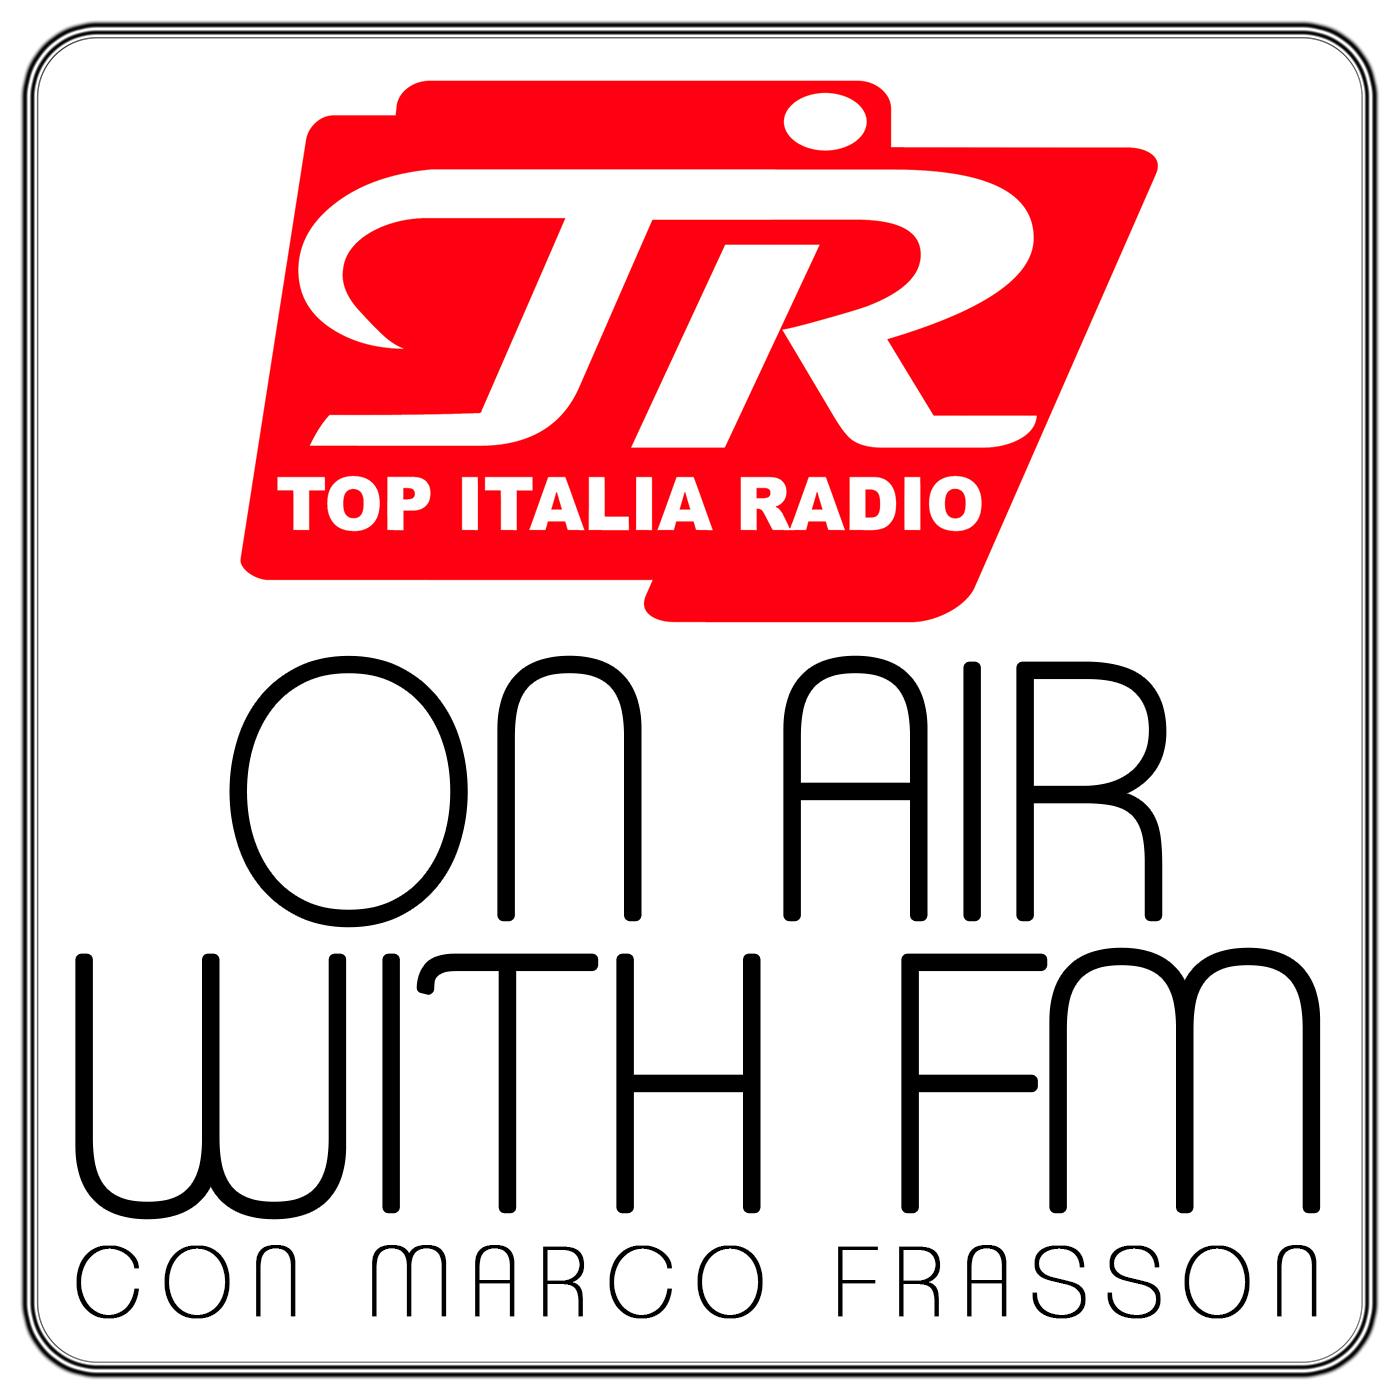 TOP ITALIA RADIO - OTAWFM